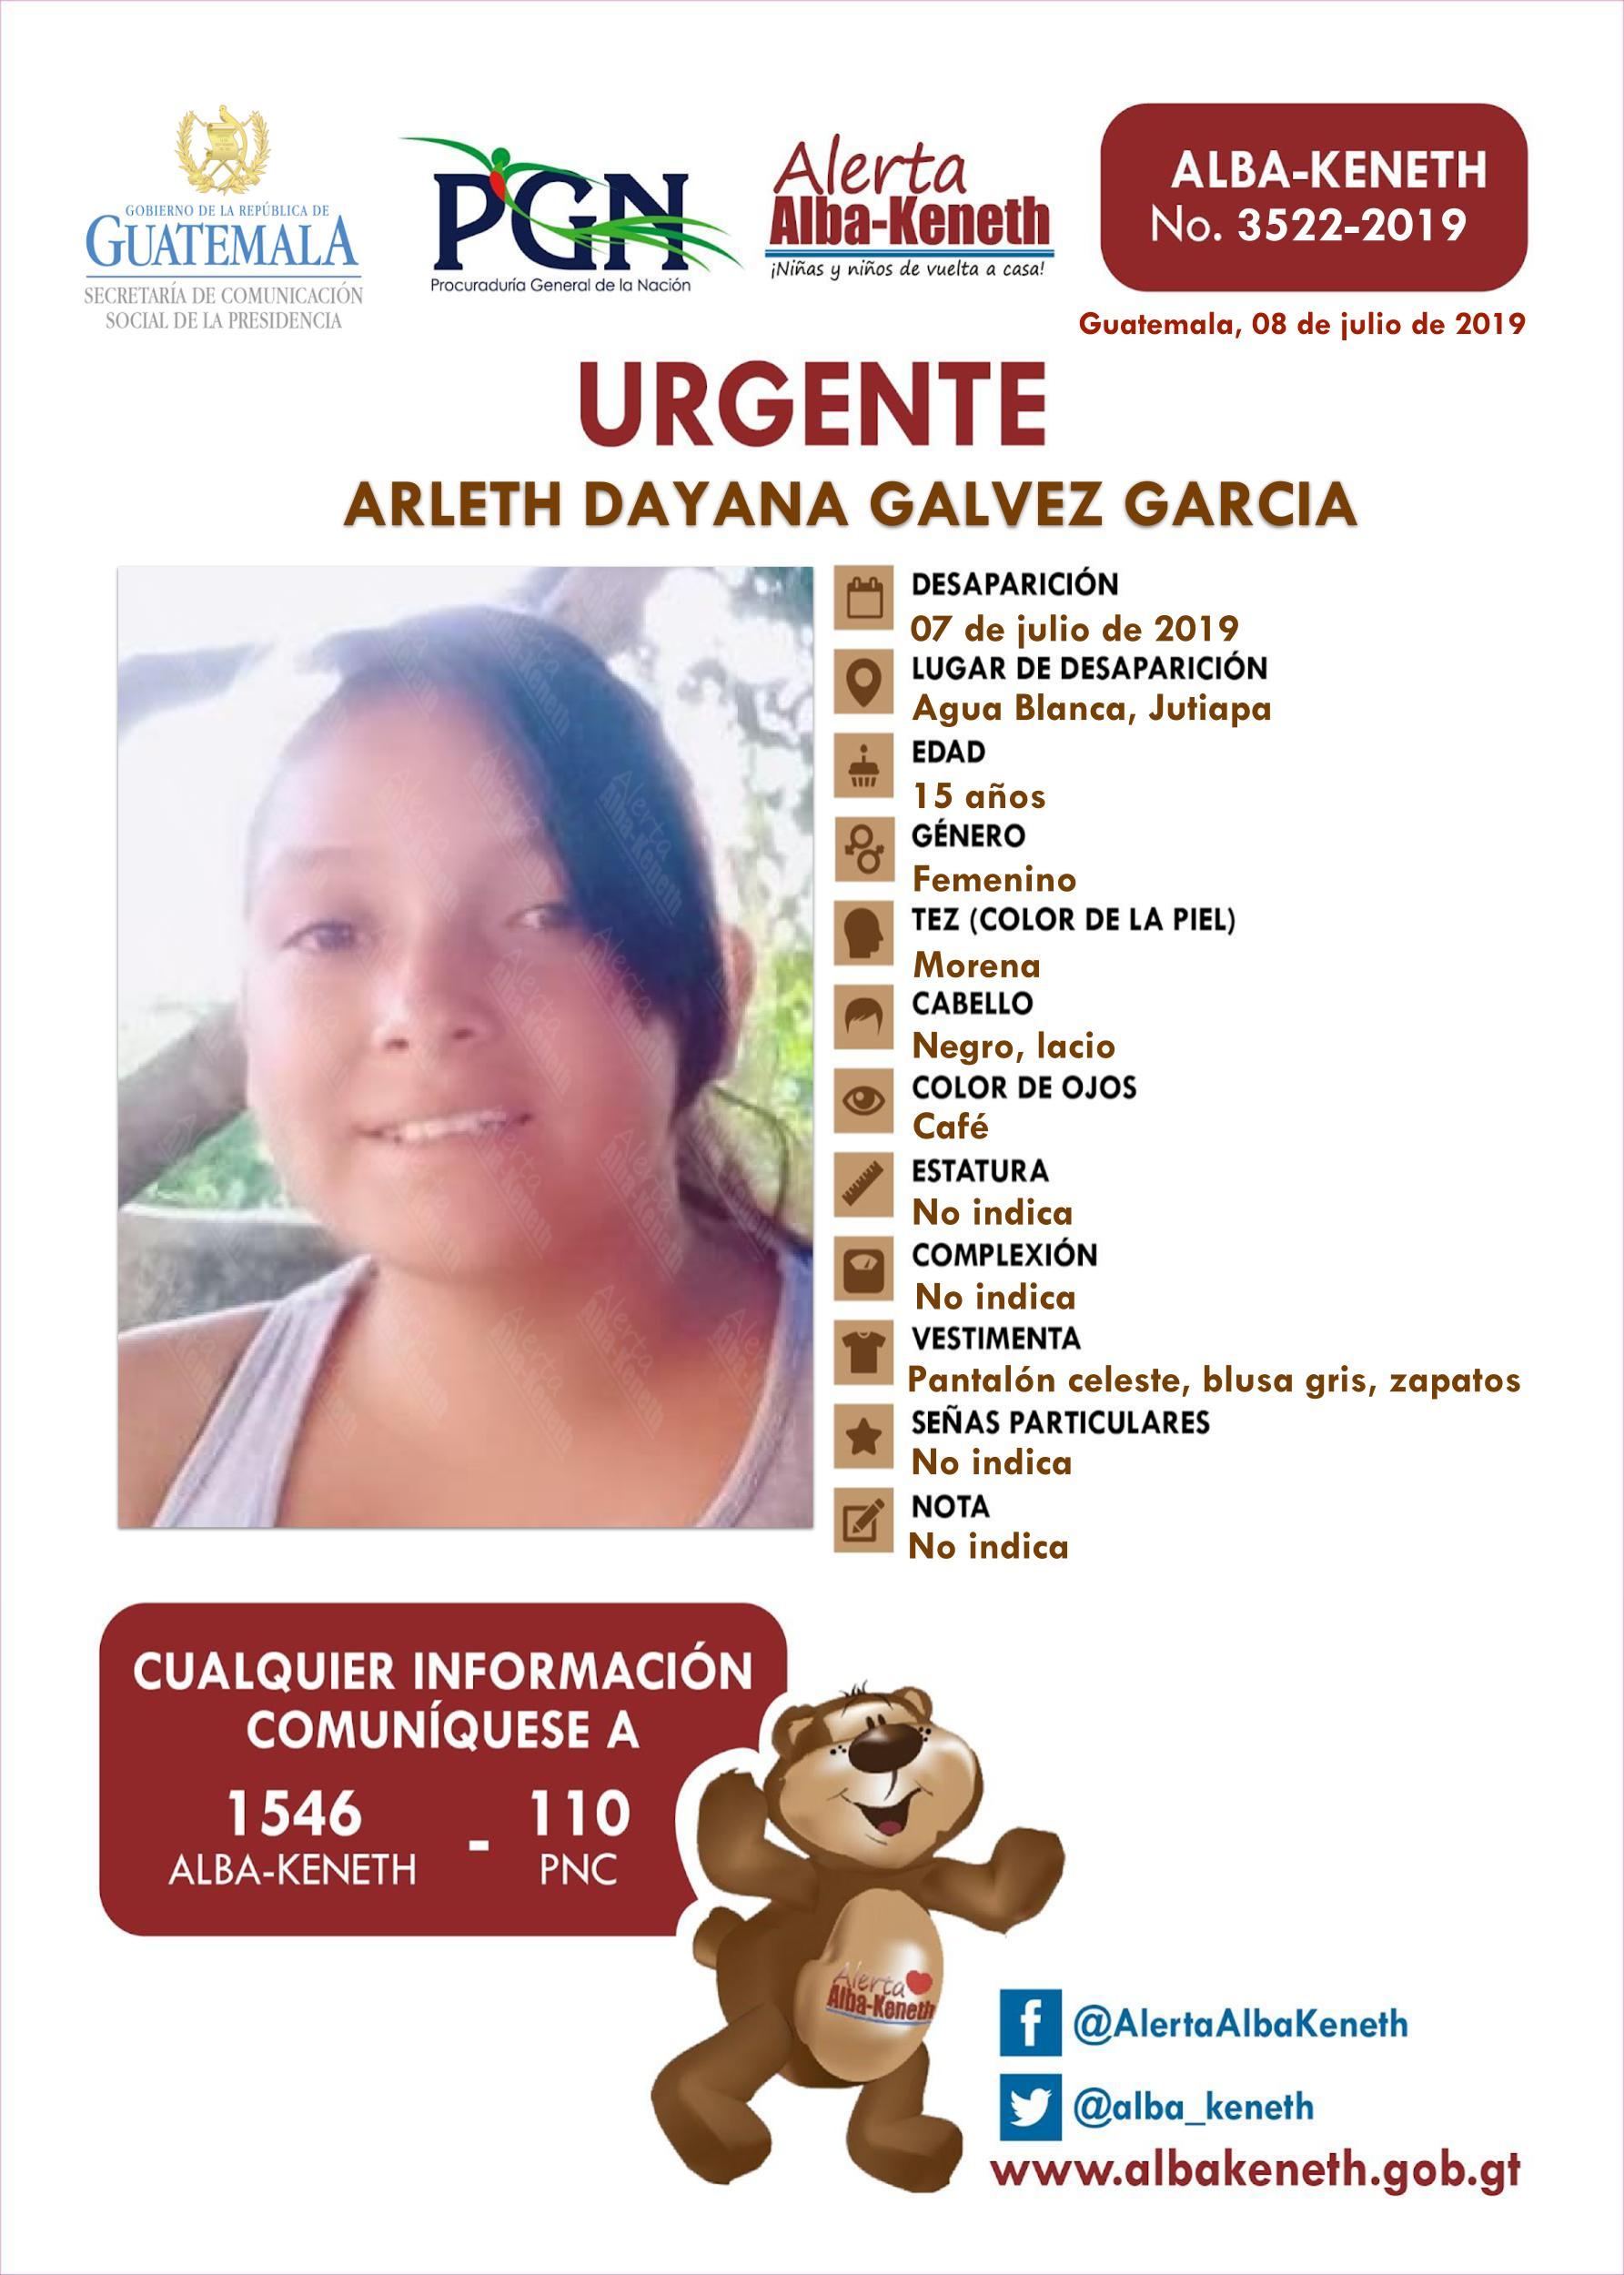 Arleth Dayana Galvez Garcia